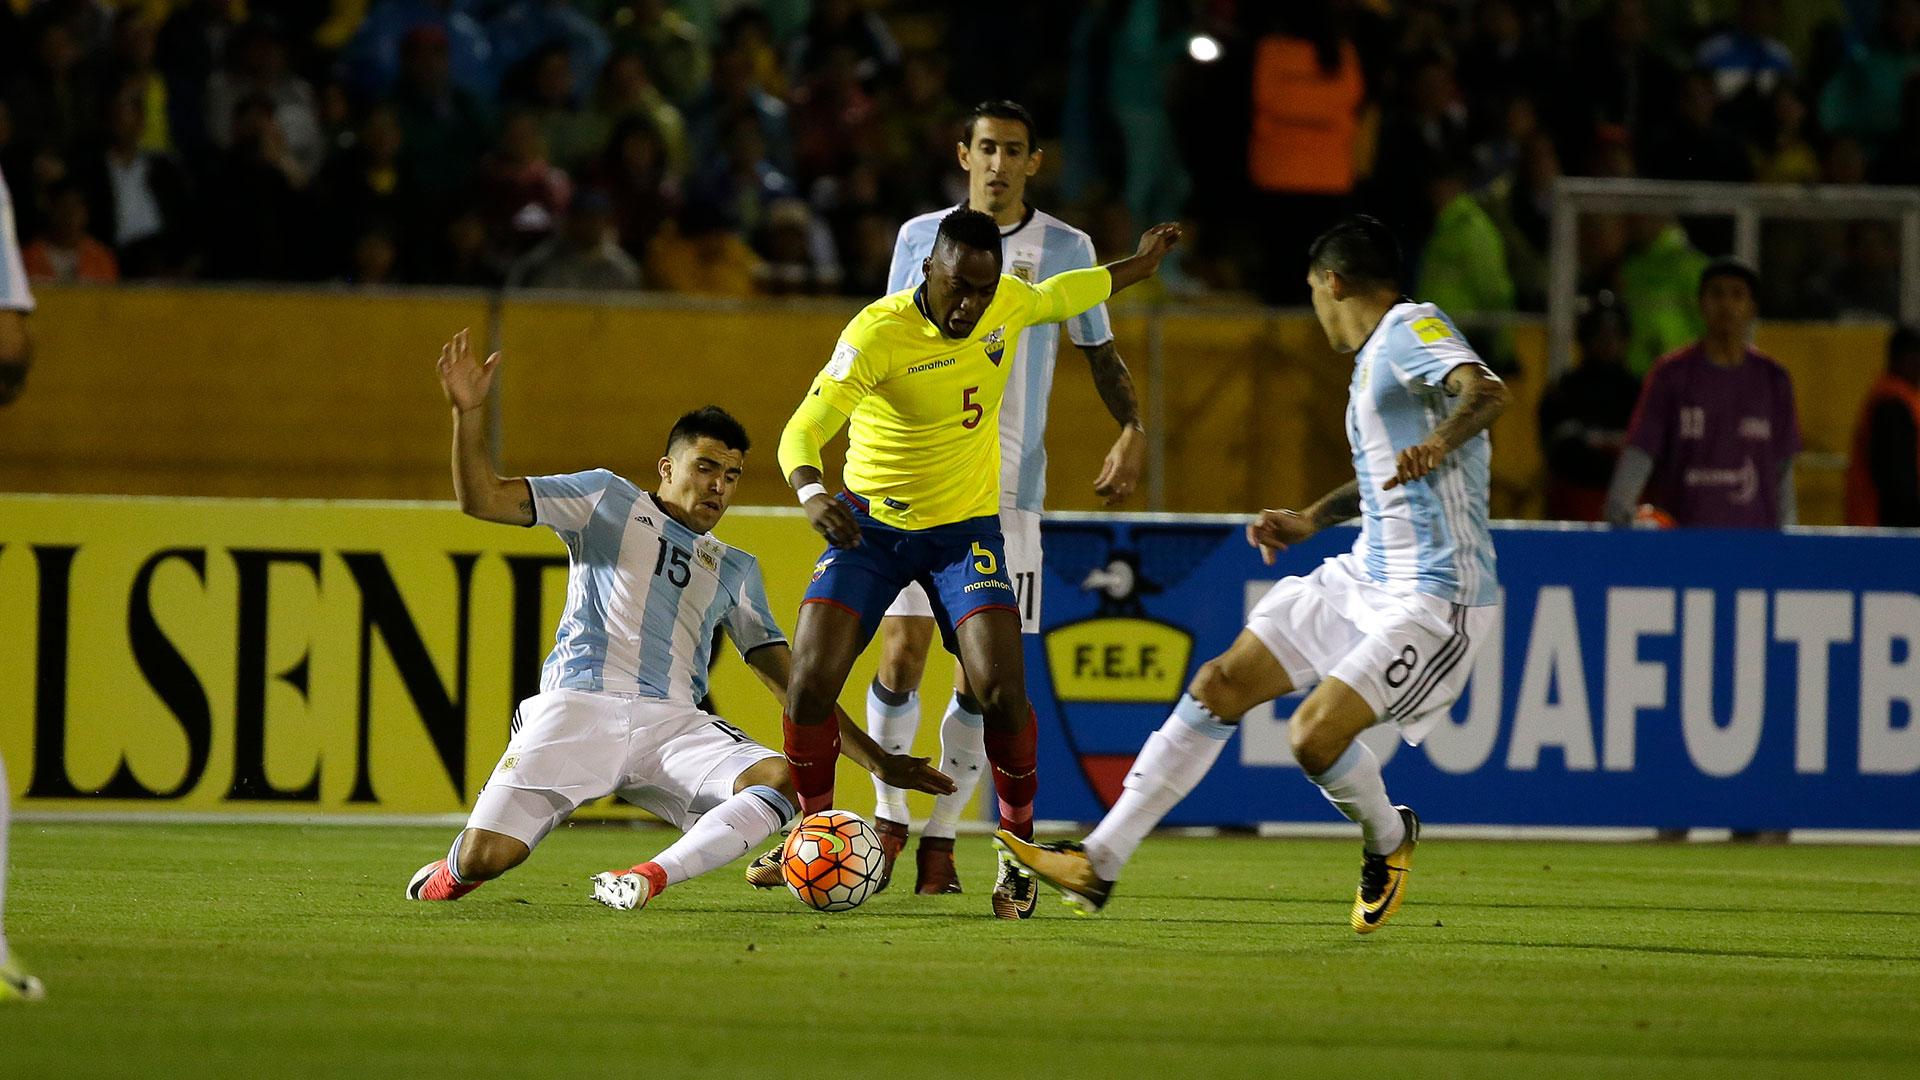 La posibilidad latente de que sea Chile el que se quede afuera del torneo más importante del planeta significaba un plus en la gesta